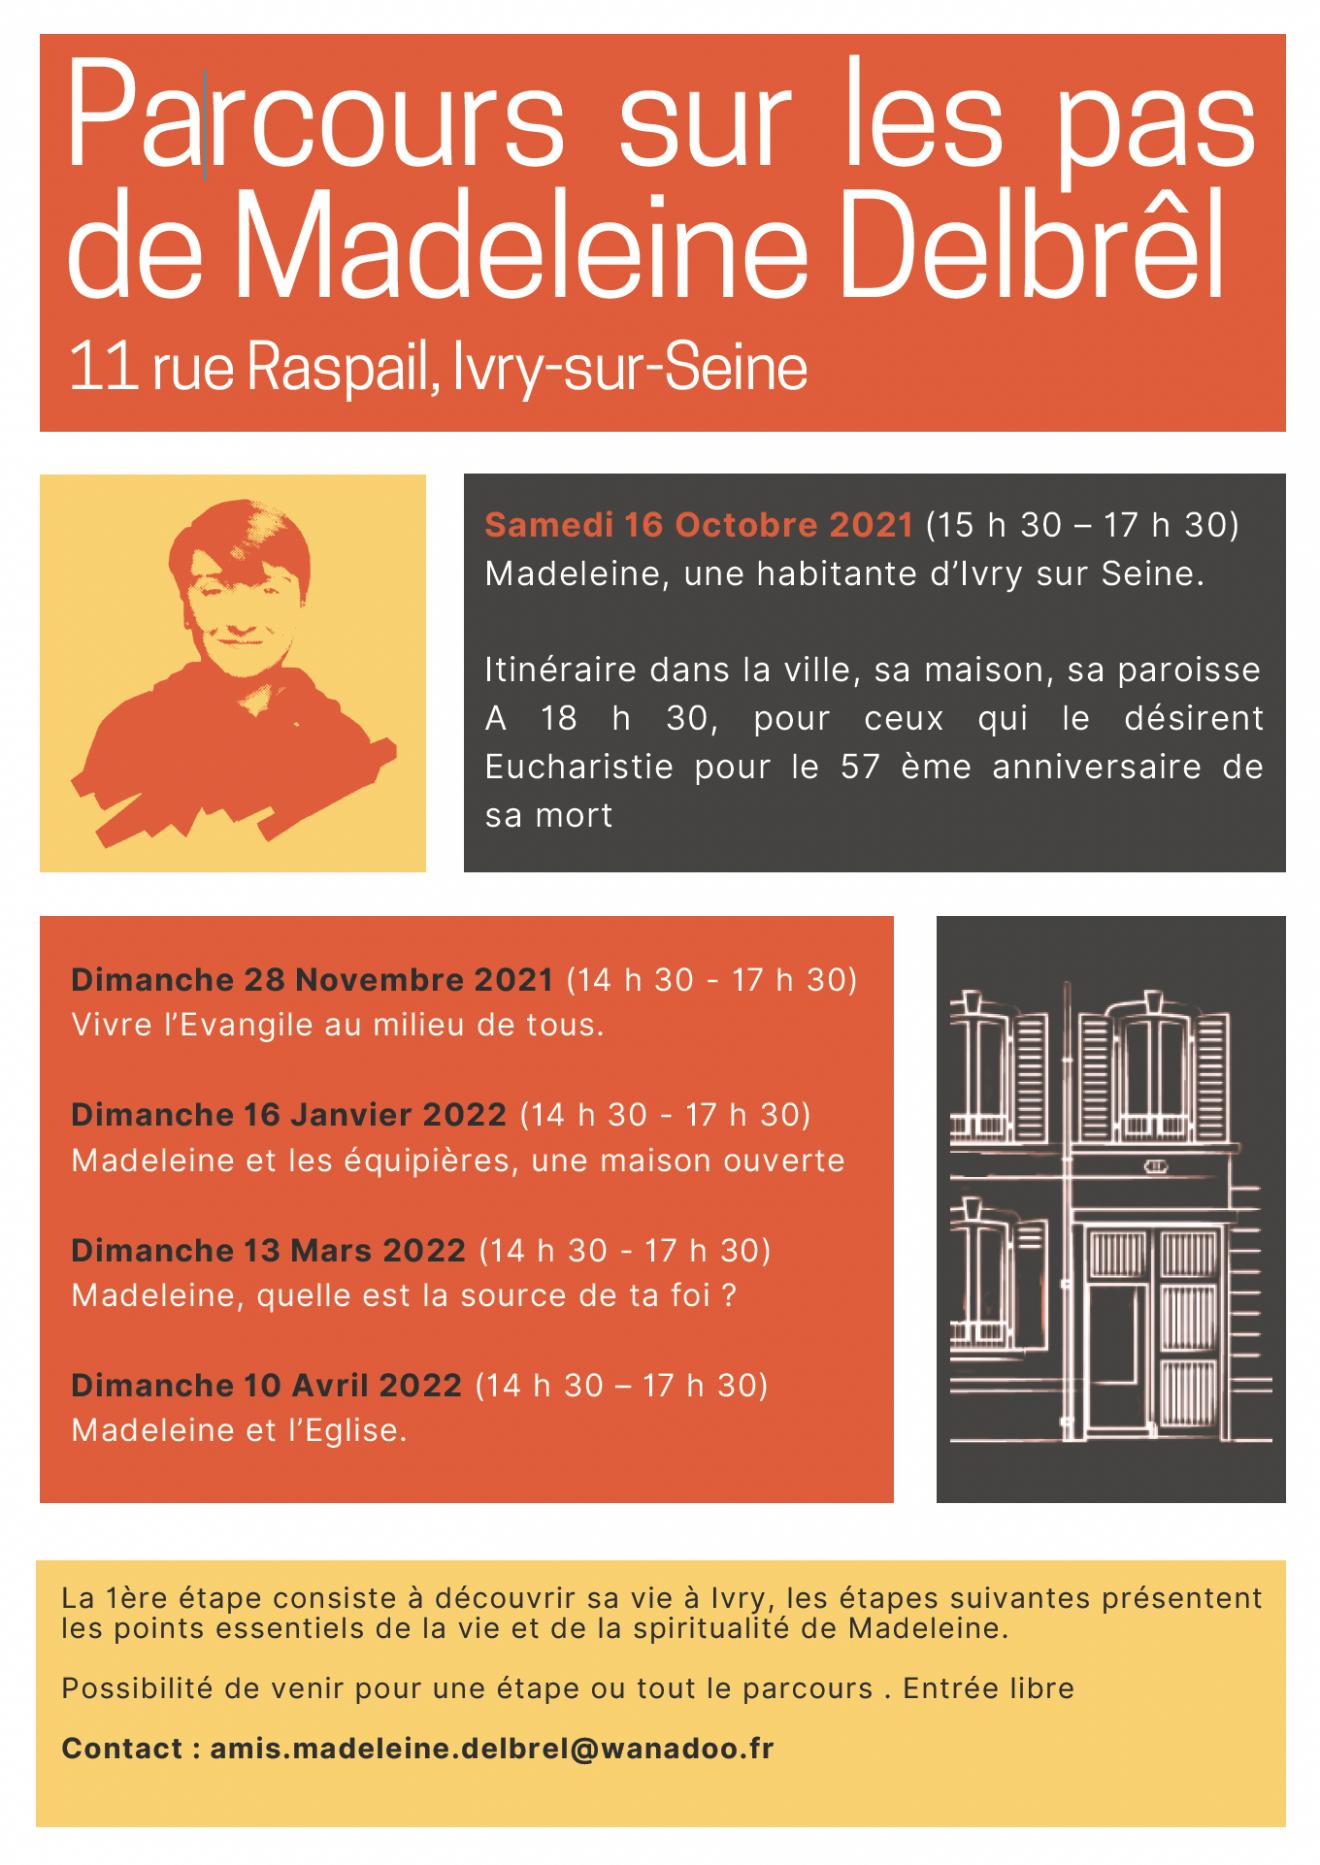 """Parcours """"Sur les pas de Madeleine Delbrêl"""" : 5 dates pour découvrir sa vie et sa spiritualité"""